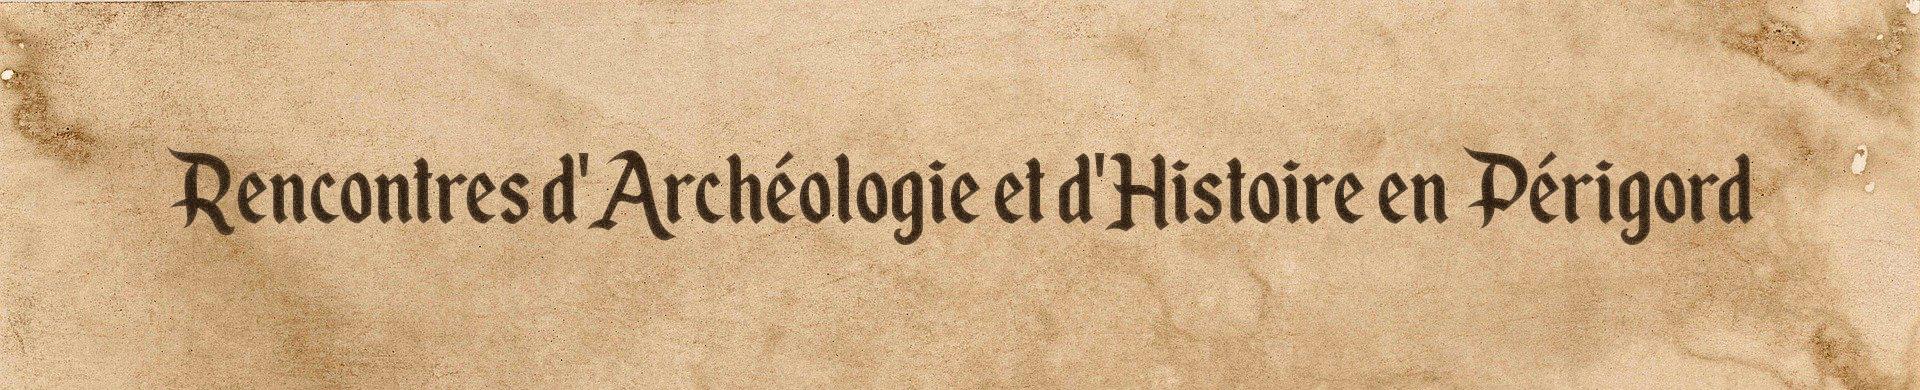 Rencontres d'archéologie et d'histoire en Périgord